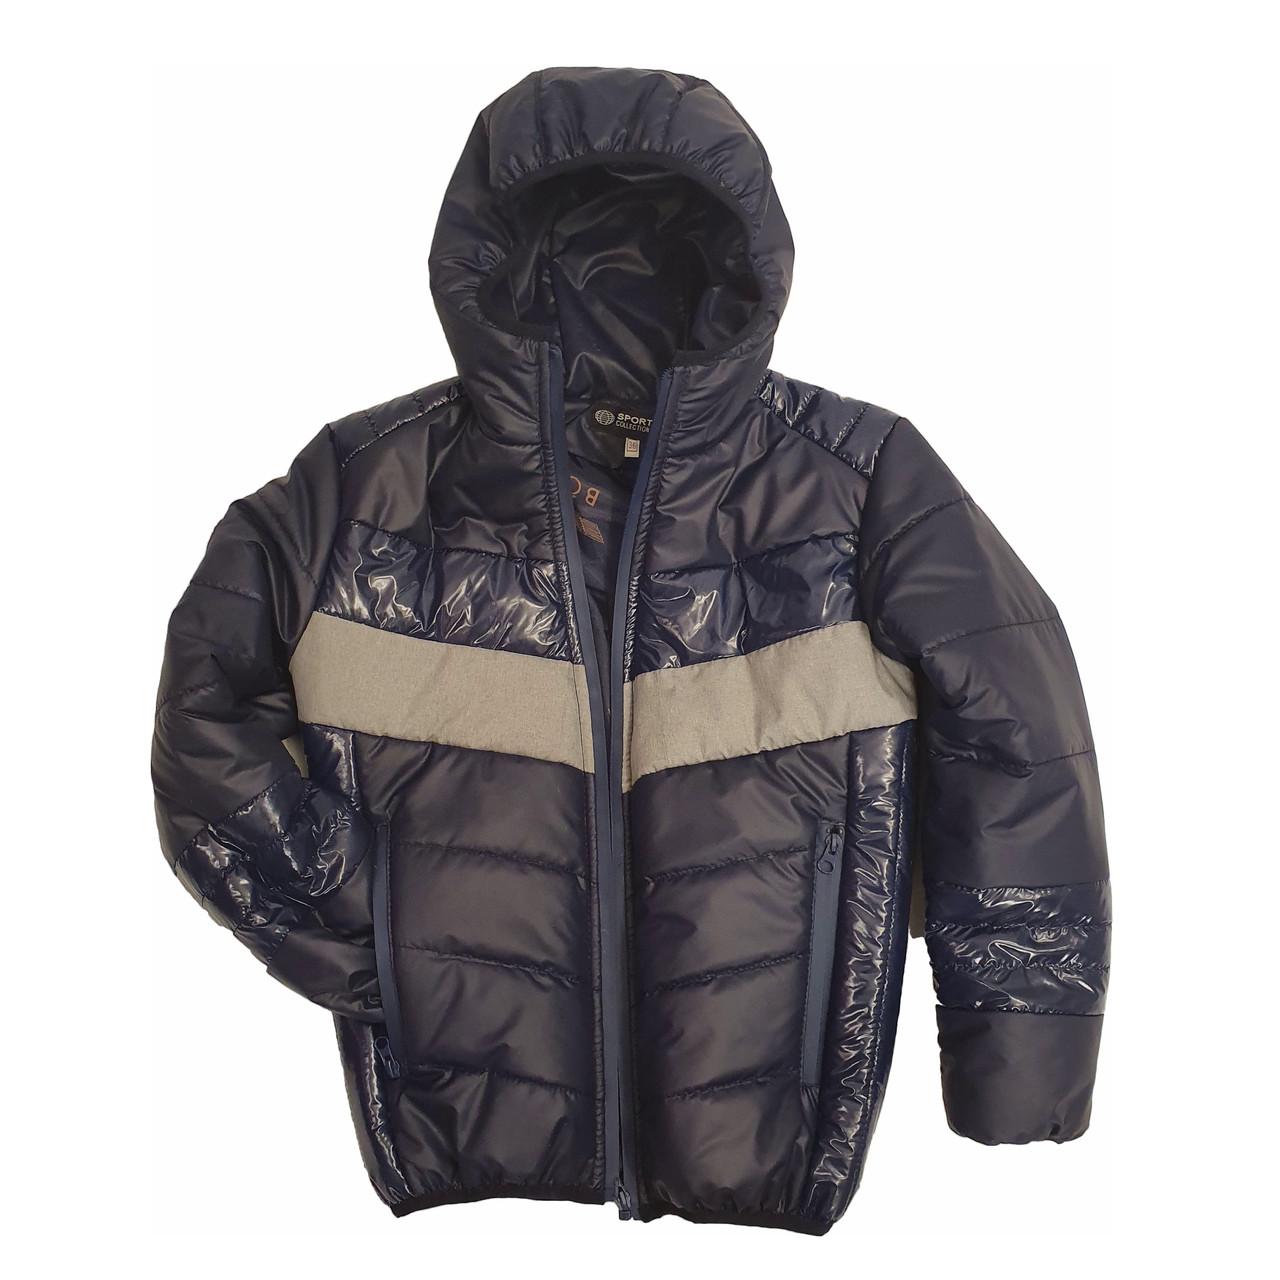 Демісезонна коротка курточка на хлопчика підлітка, колір синій, р-ри 140-170, мод.Даріо